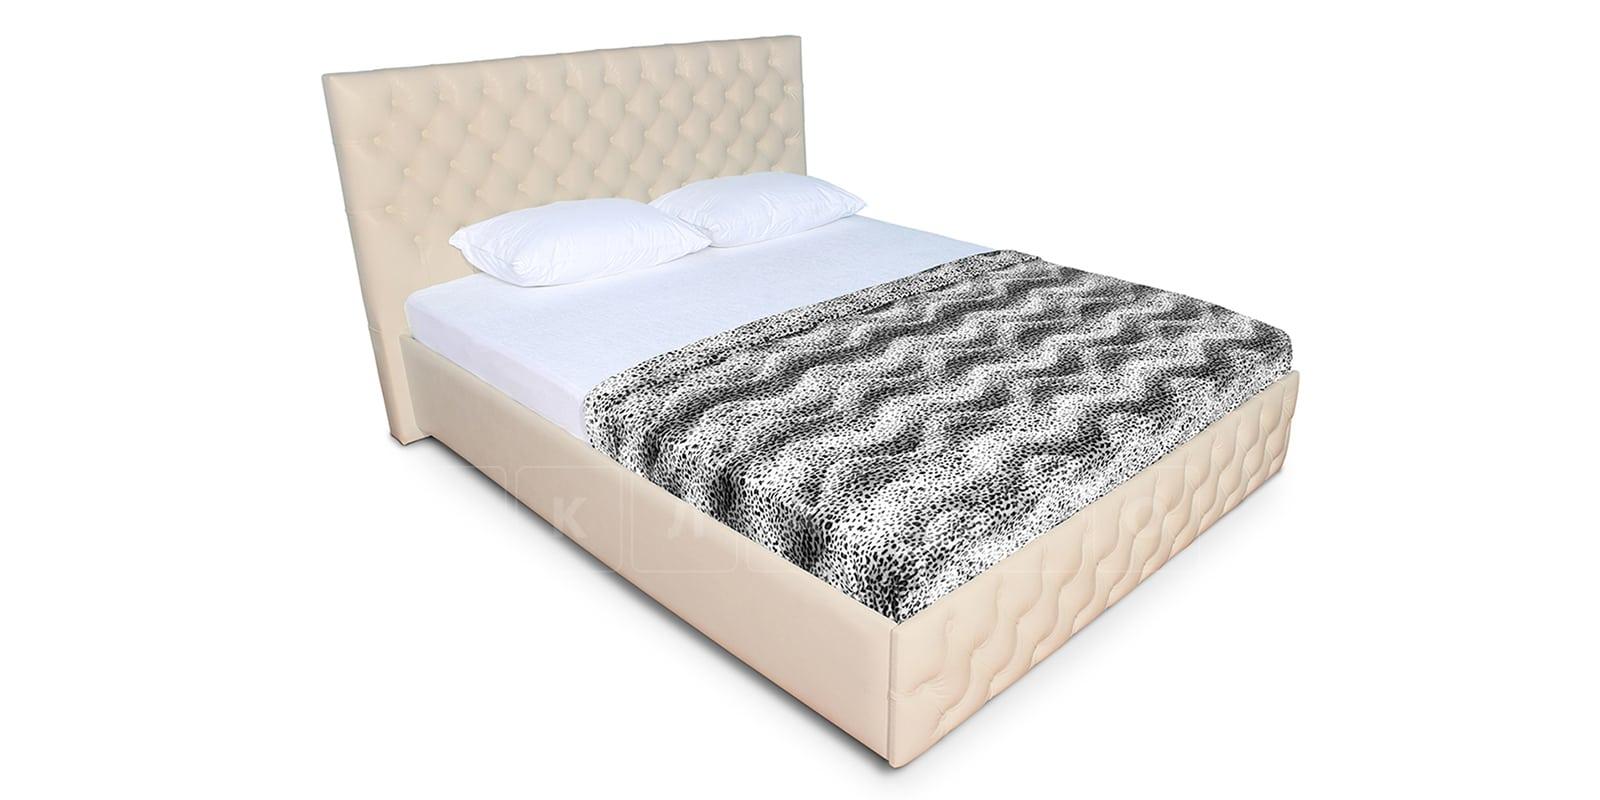 Мягкая кровать Малибу 160см экокожа бежевого цвета вариант 4-2 фото 3 | интернет-магазин Складно